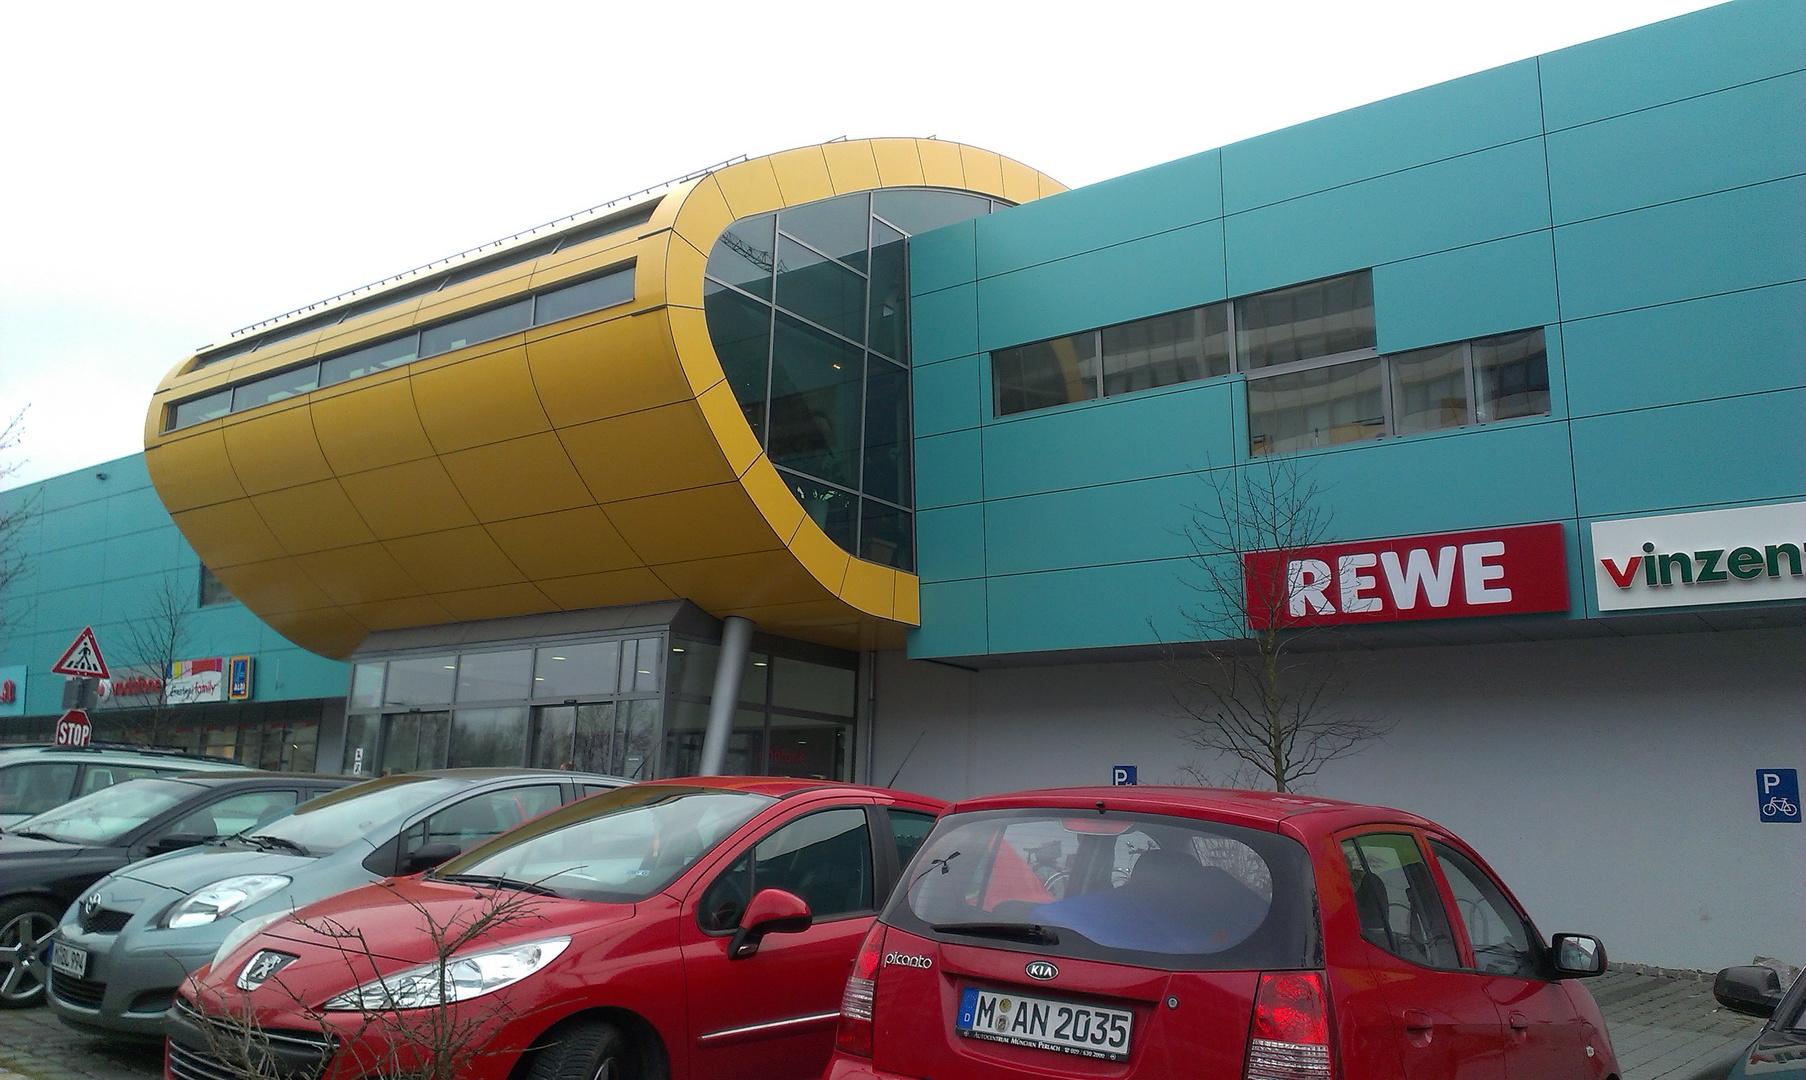 Einkaufscenter - München Neuperlach am U-Bahnhof Quiddestr.